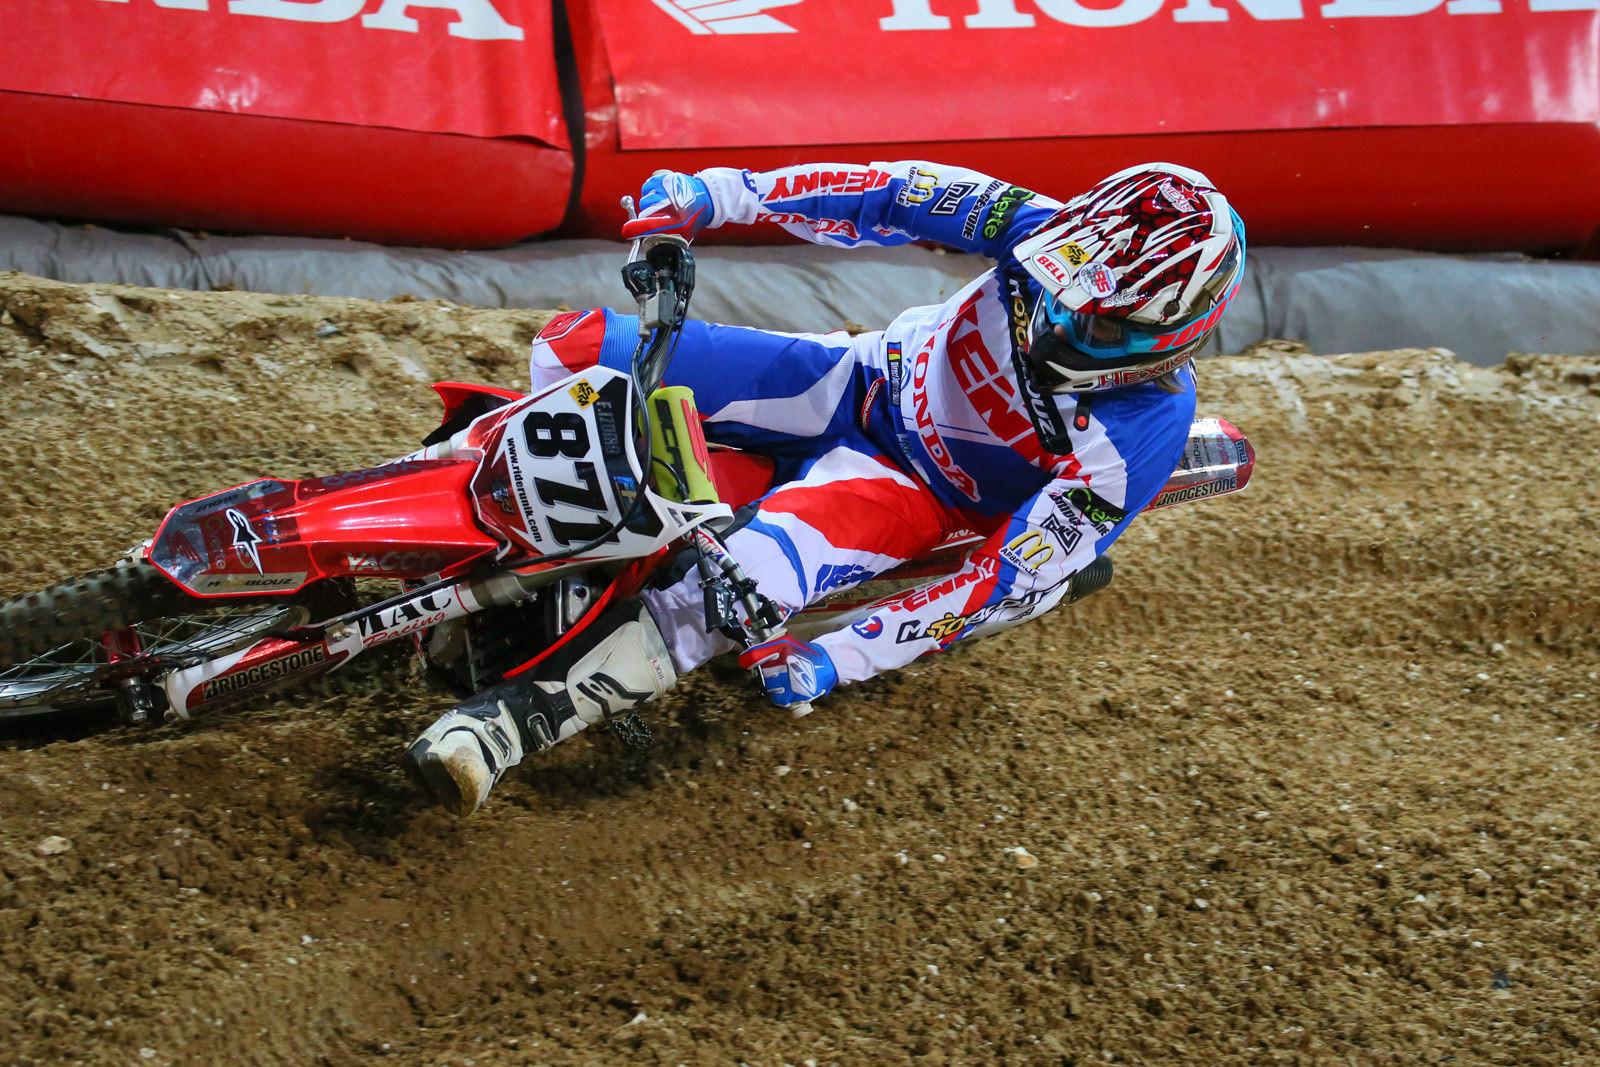 Fabien Izoird - Vital MX Pit Bits: Paris-Lille Supercross - Motocross Pictures - Vital MX